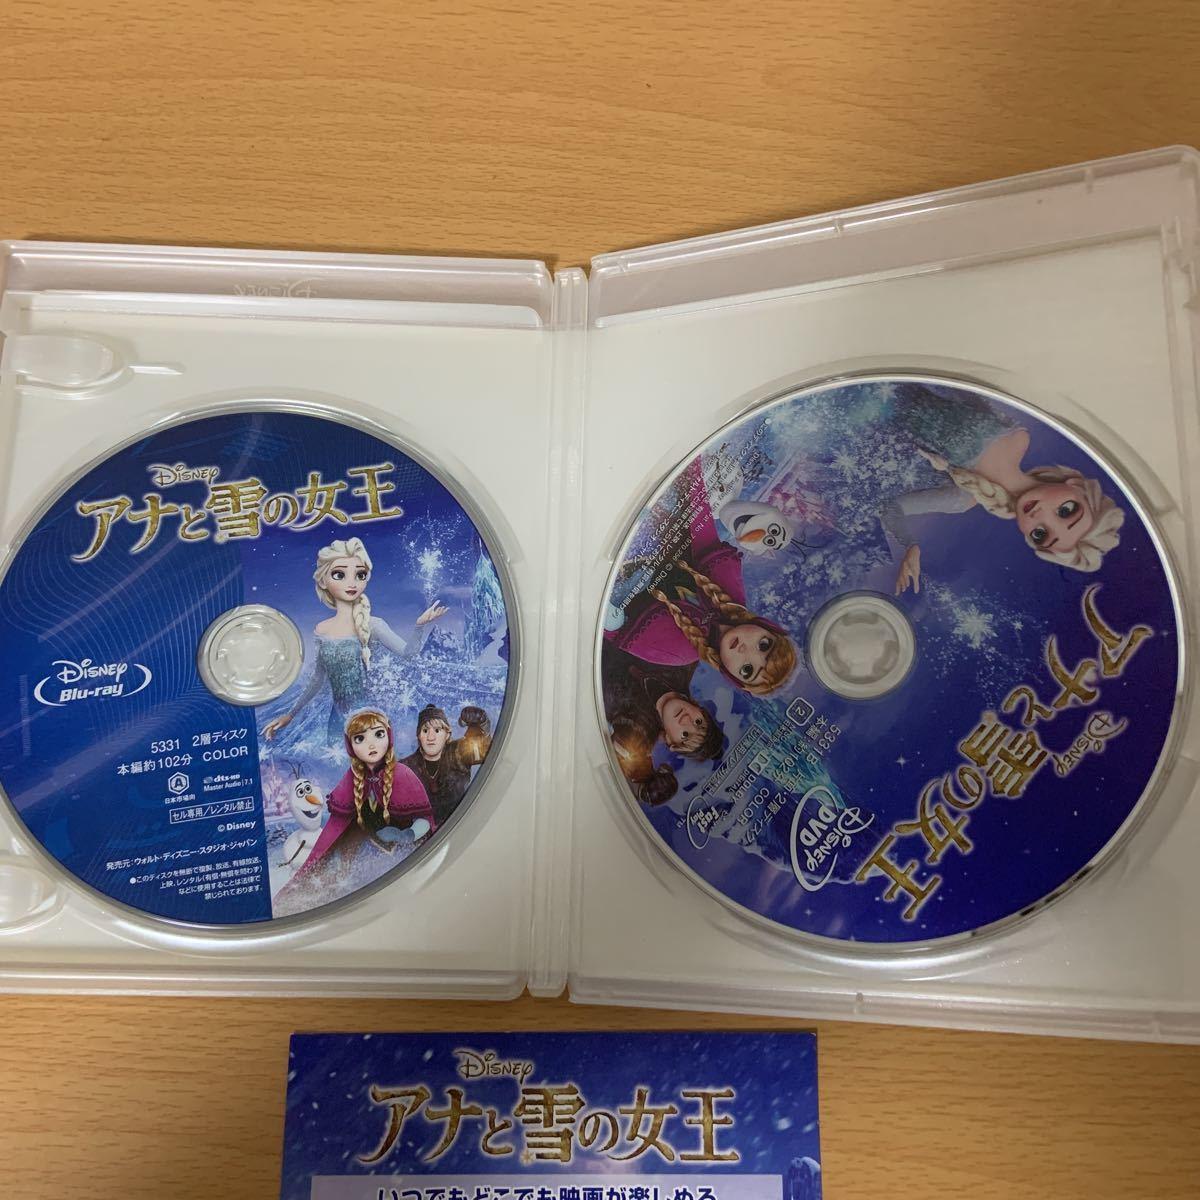 アナと雪の女王 Blu-ray MovieNEX ディズニー ブルーレイ DVD DVDセット Disney 松たか子